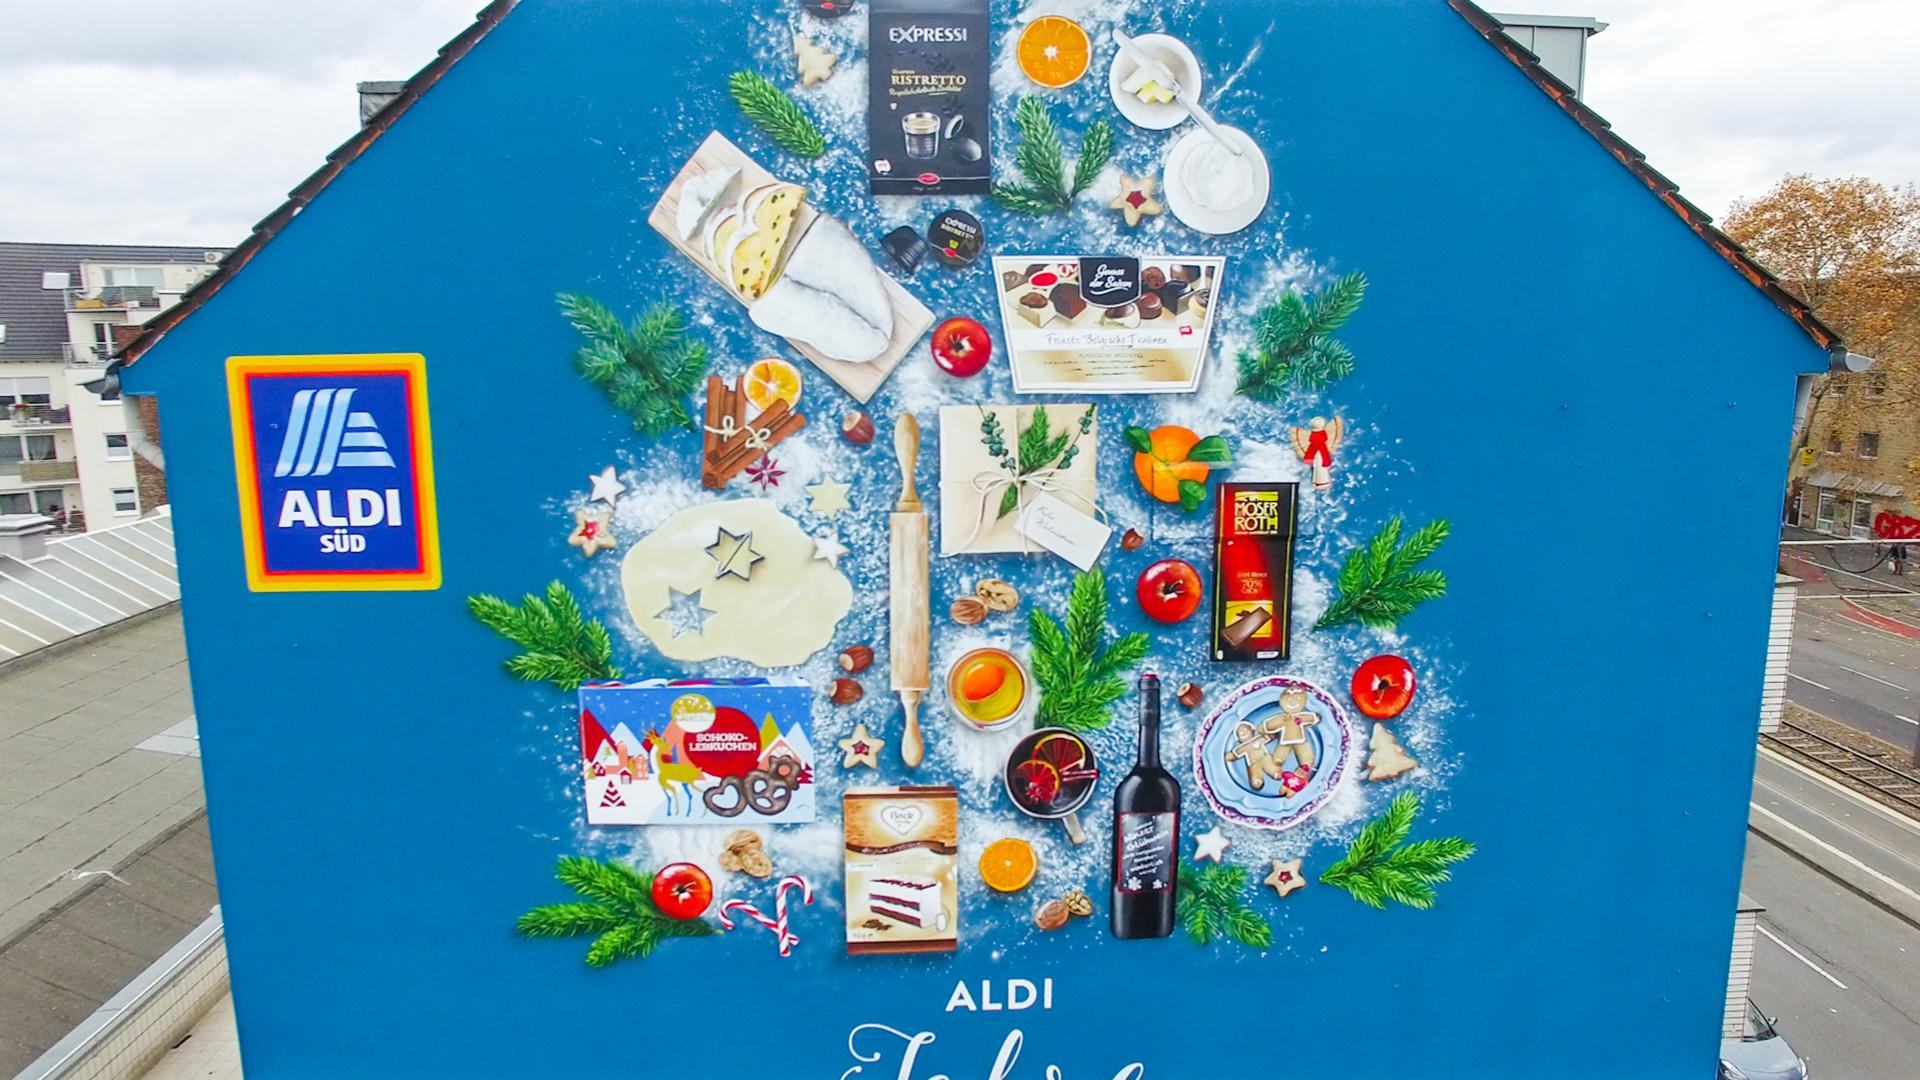 Eine Etwas Andere Weihnachtswerbung Die Aldi Sud Weihnachtskampagne